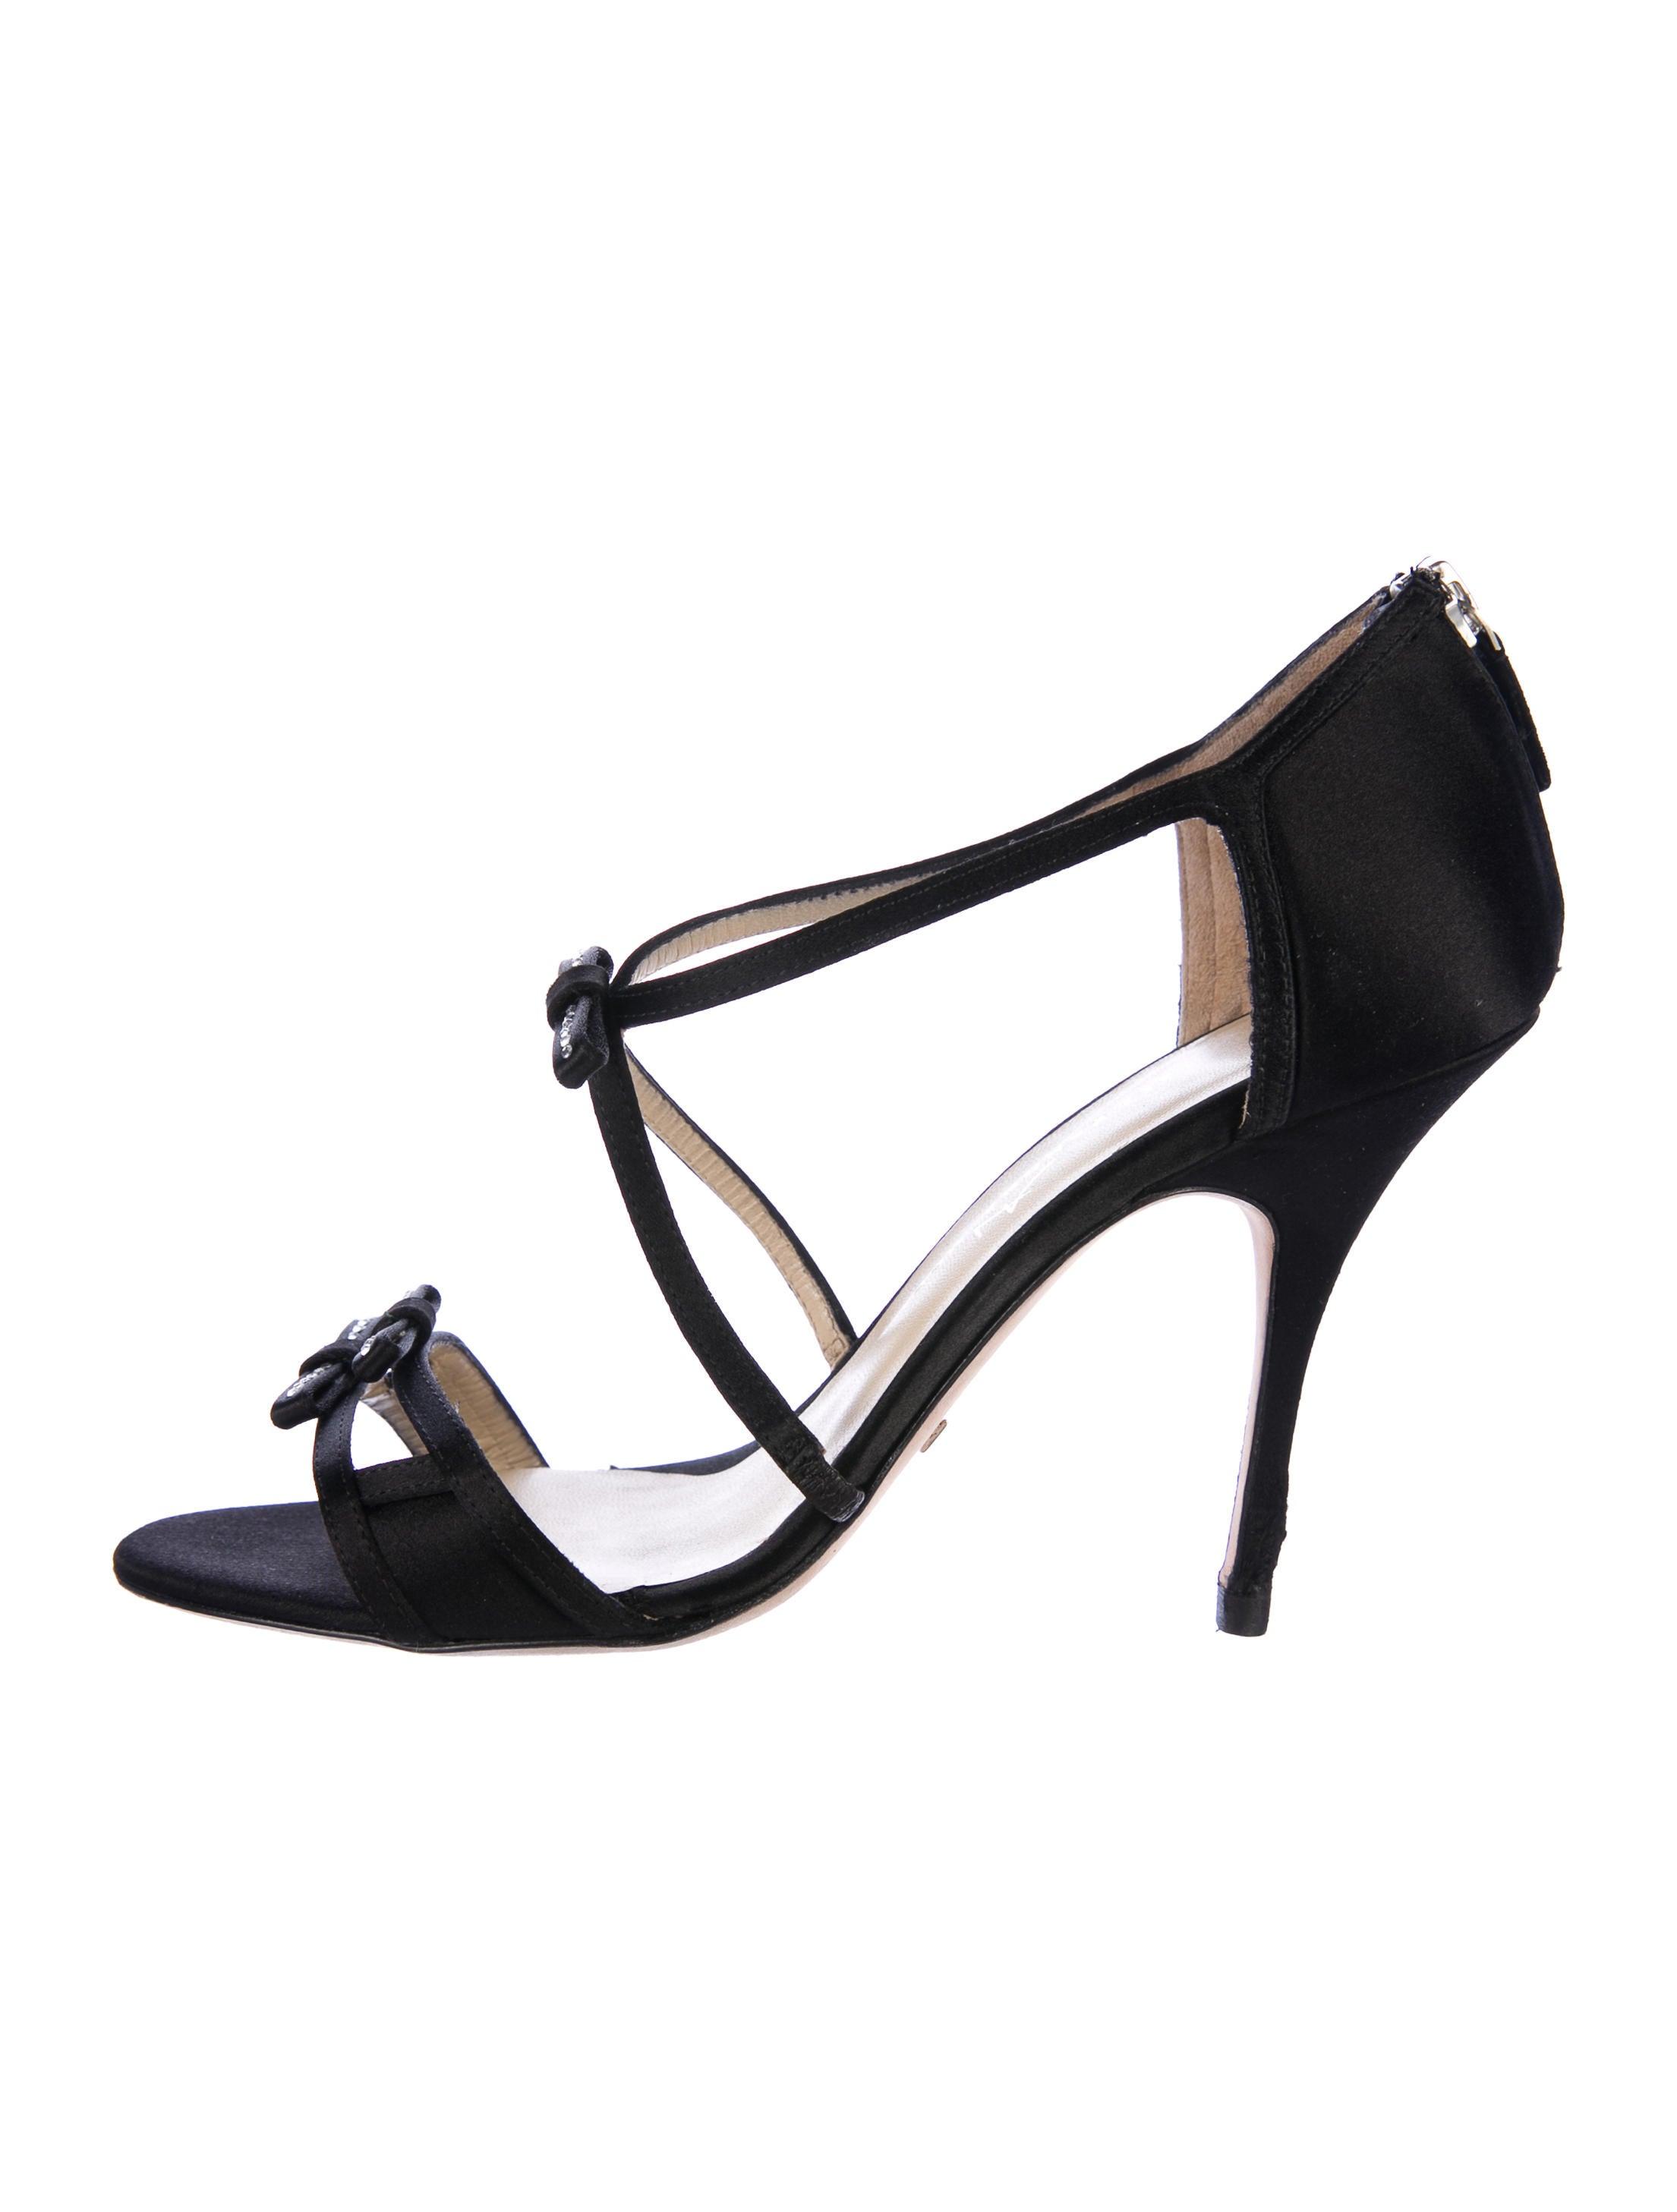 Alexandra Neel Satin Bow-Accented Sandals cheap under $60 e7uIsldiaw